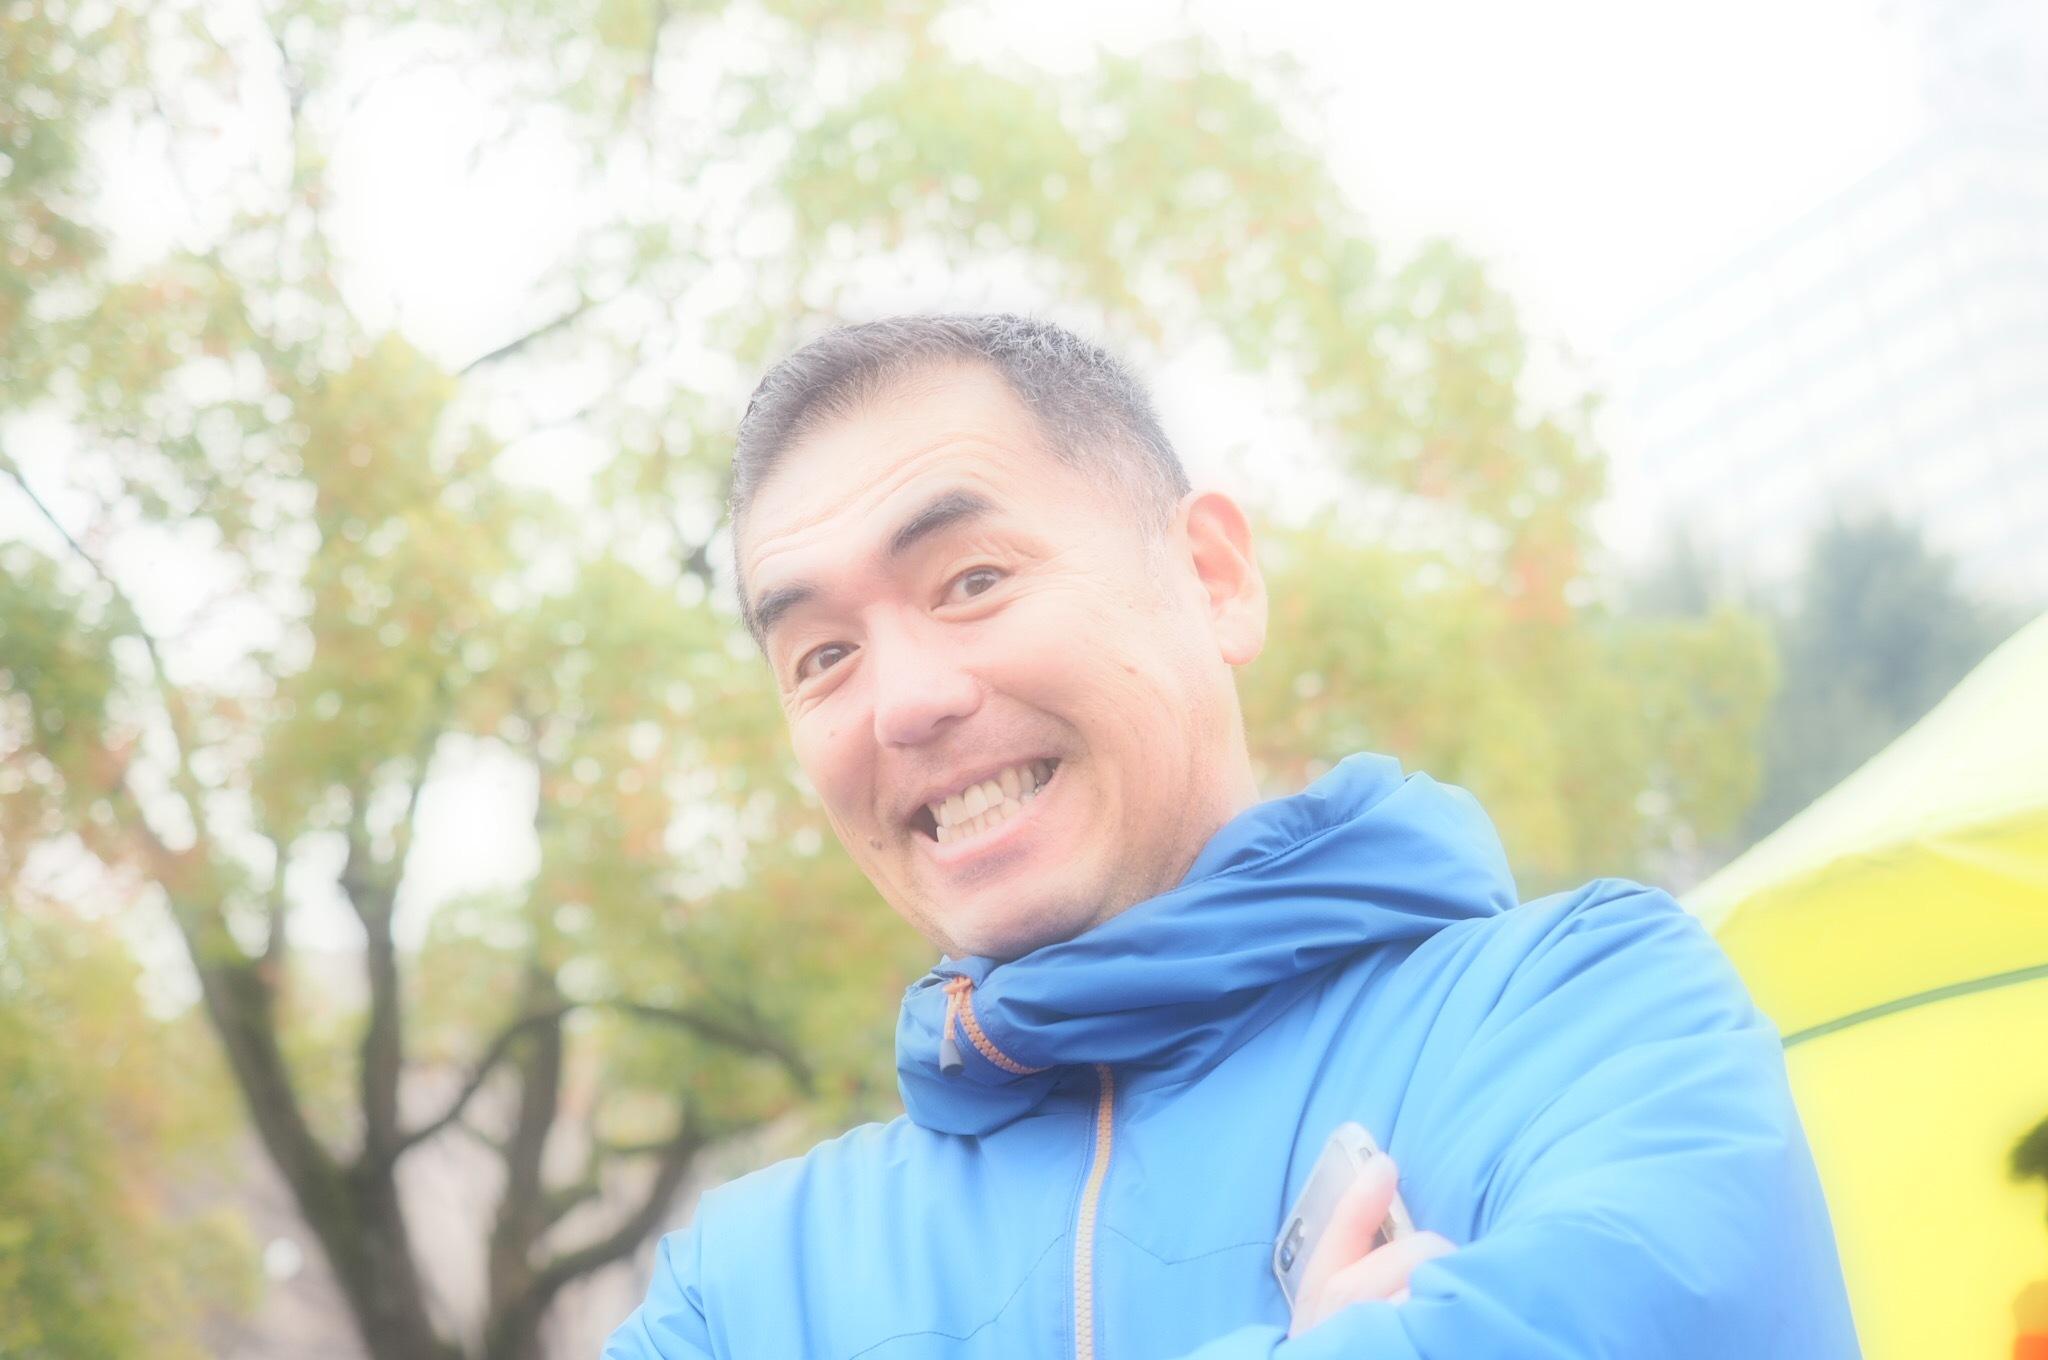 【Photo】アウトドアデイジャパン「笑顔」コレクション!_b0008655_21531407.jpg